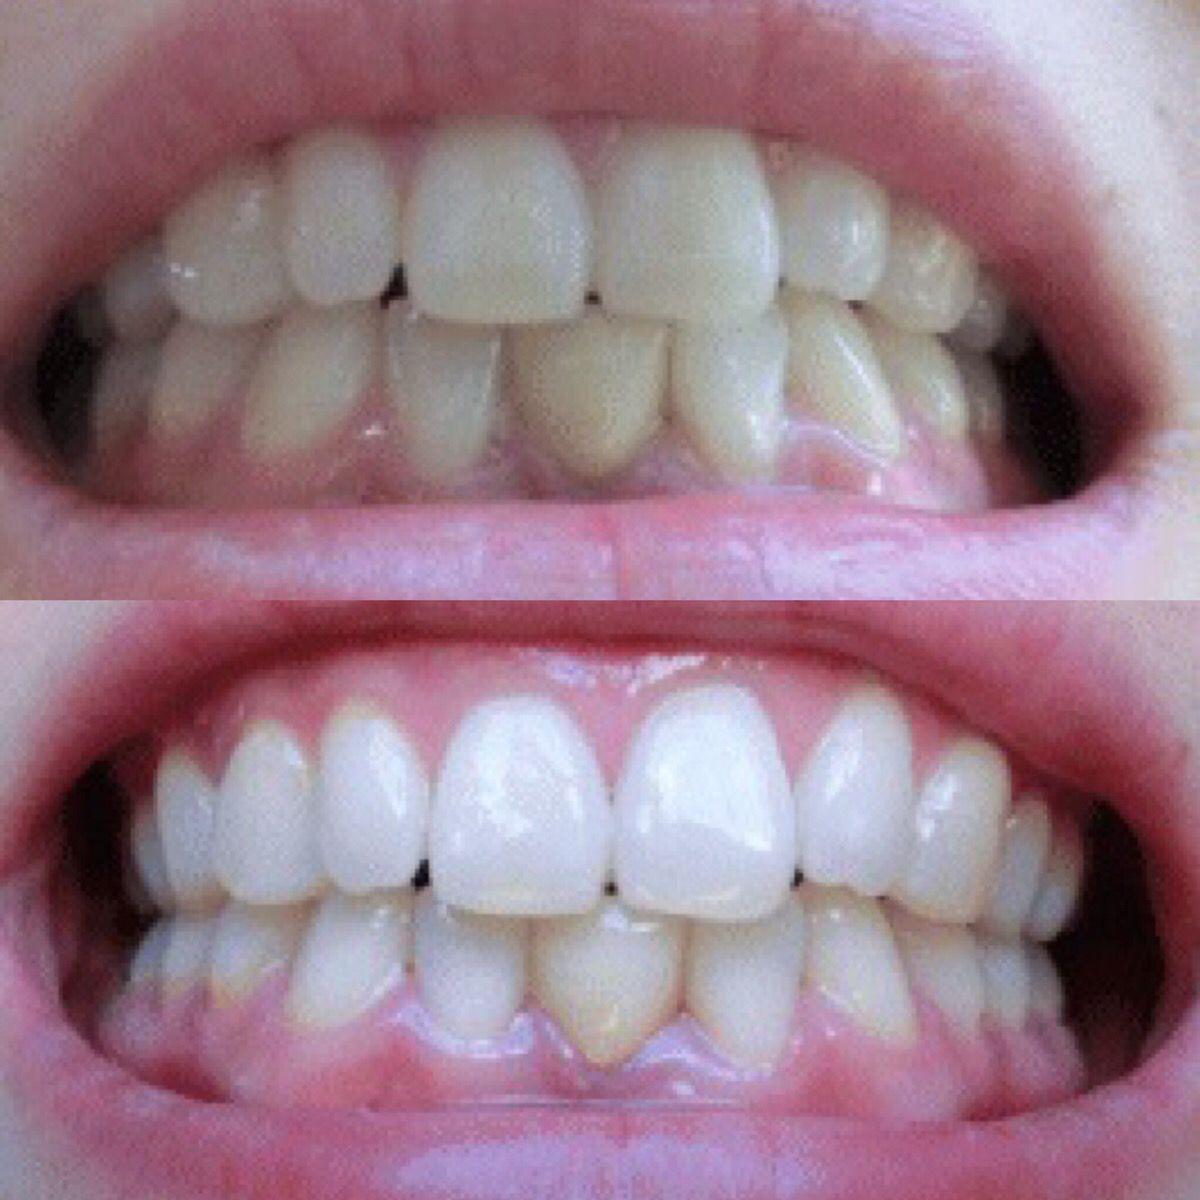 あんなに黄色かった歯が 歯医者さんの方法を試したらたったの1ヶ月で 裏技ビューティー 美容 美容の裏技